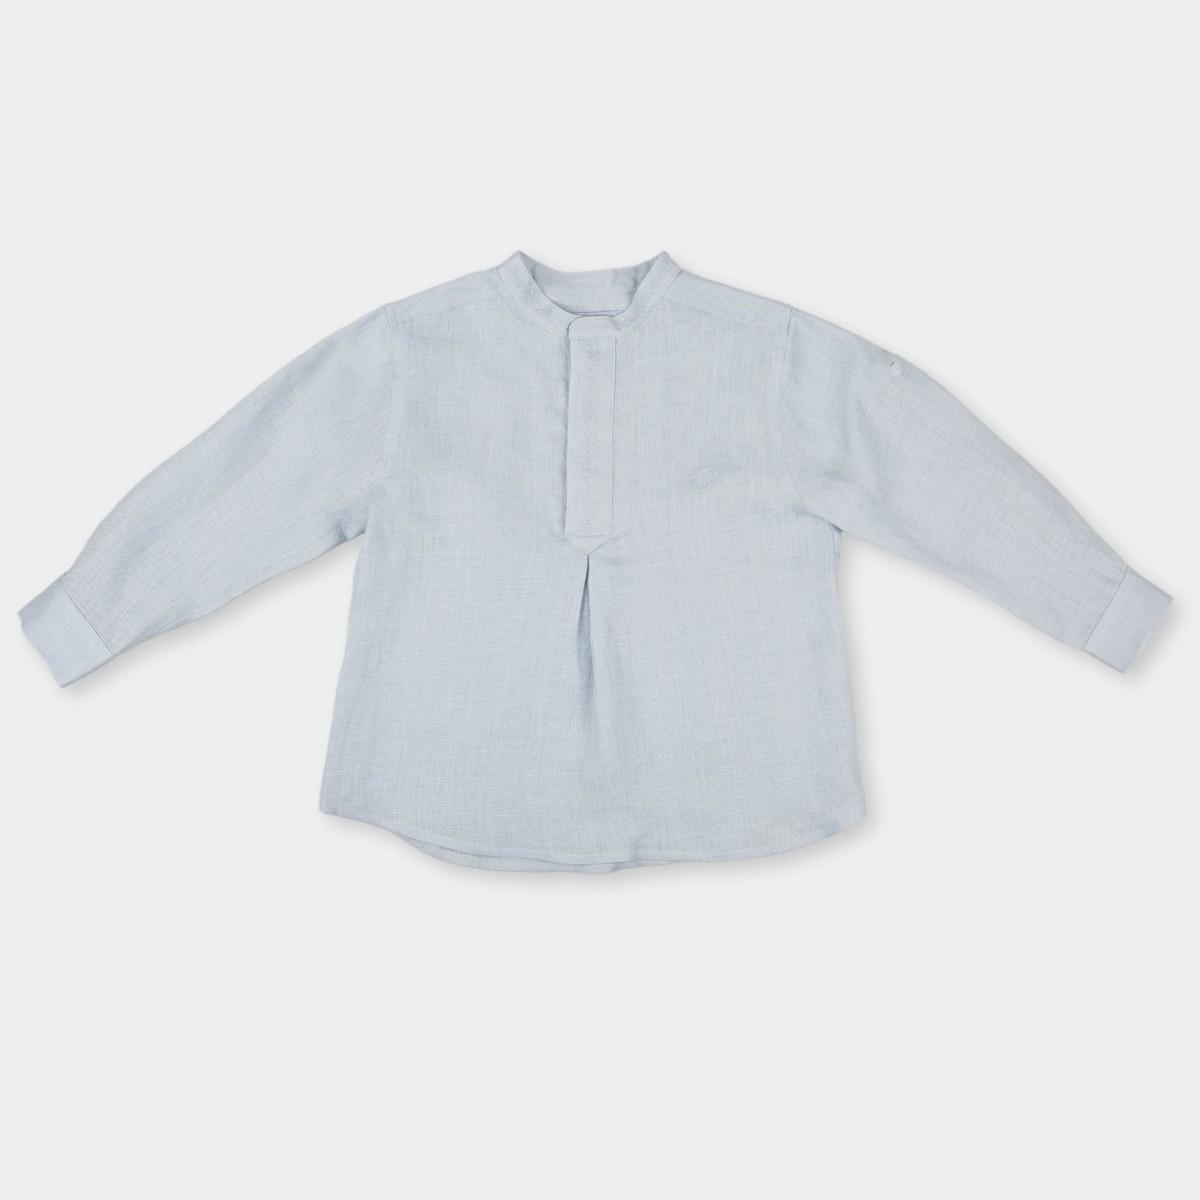 Camisa m/l_2145NUS